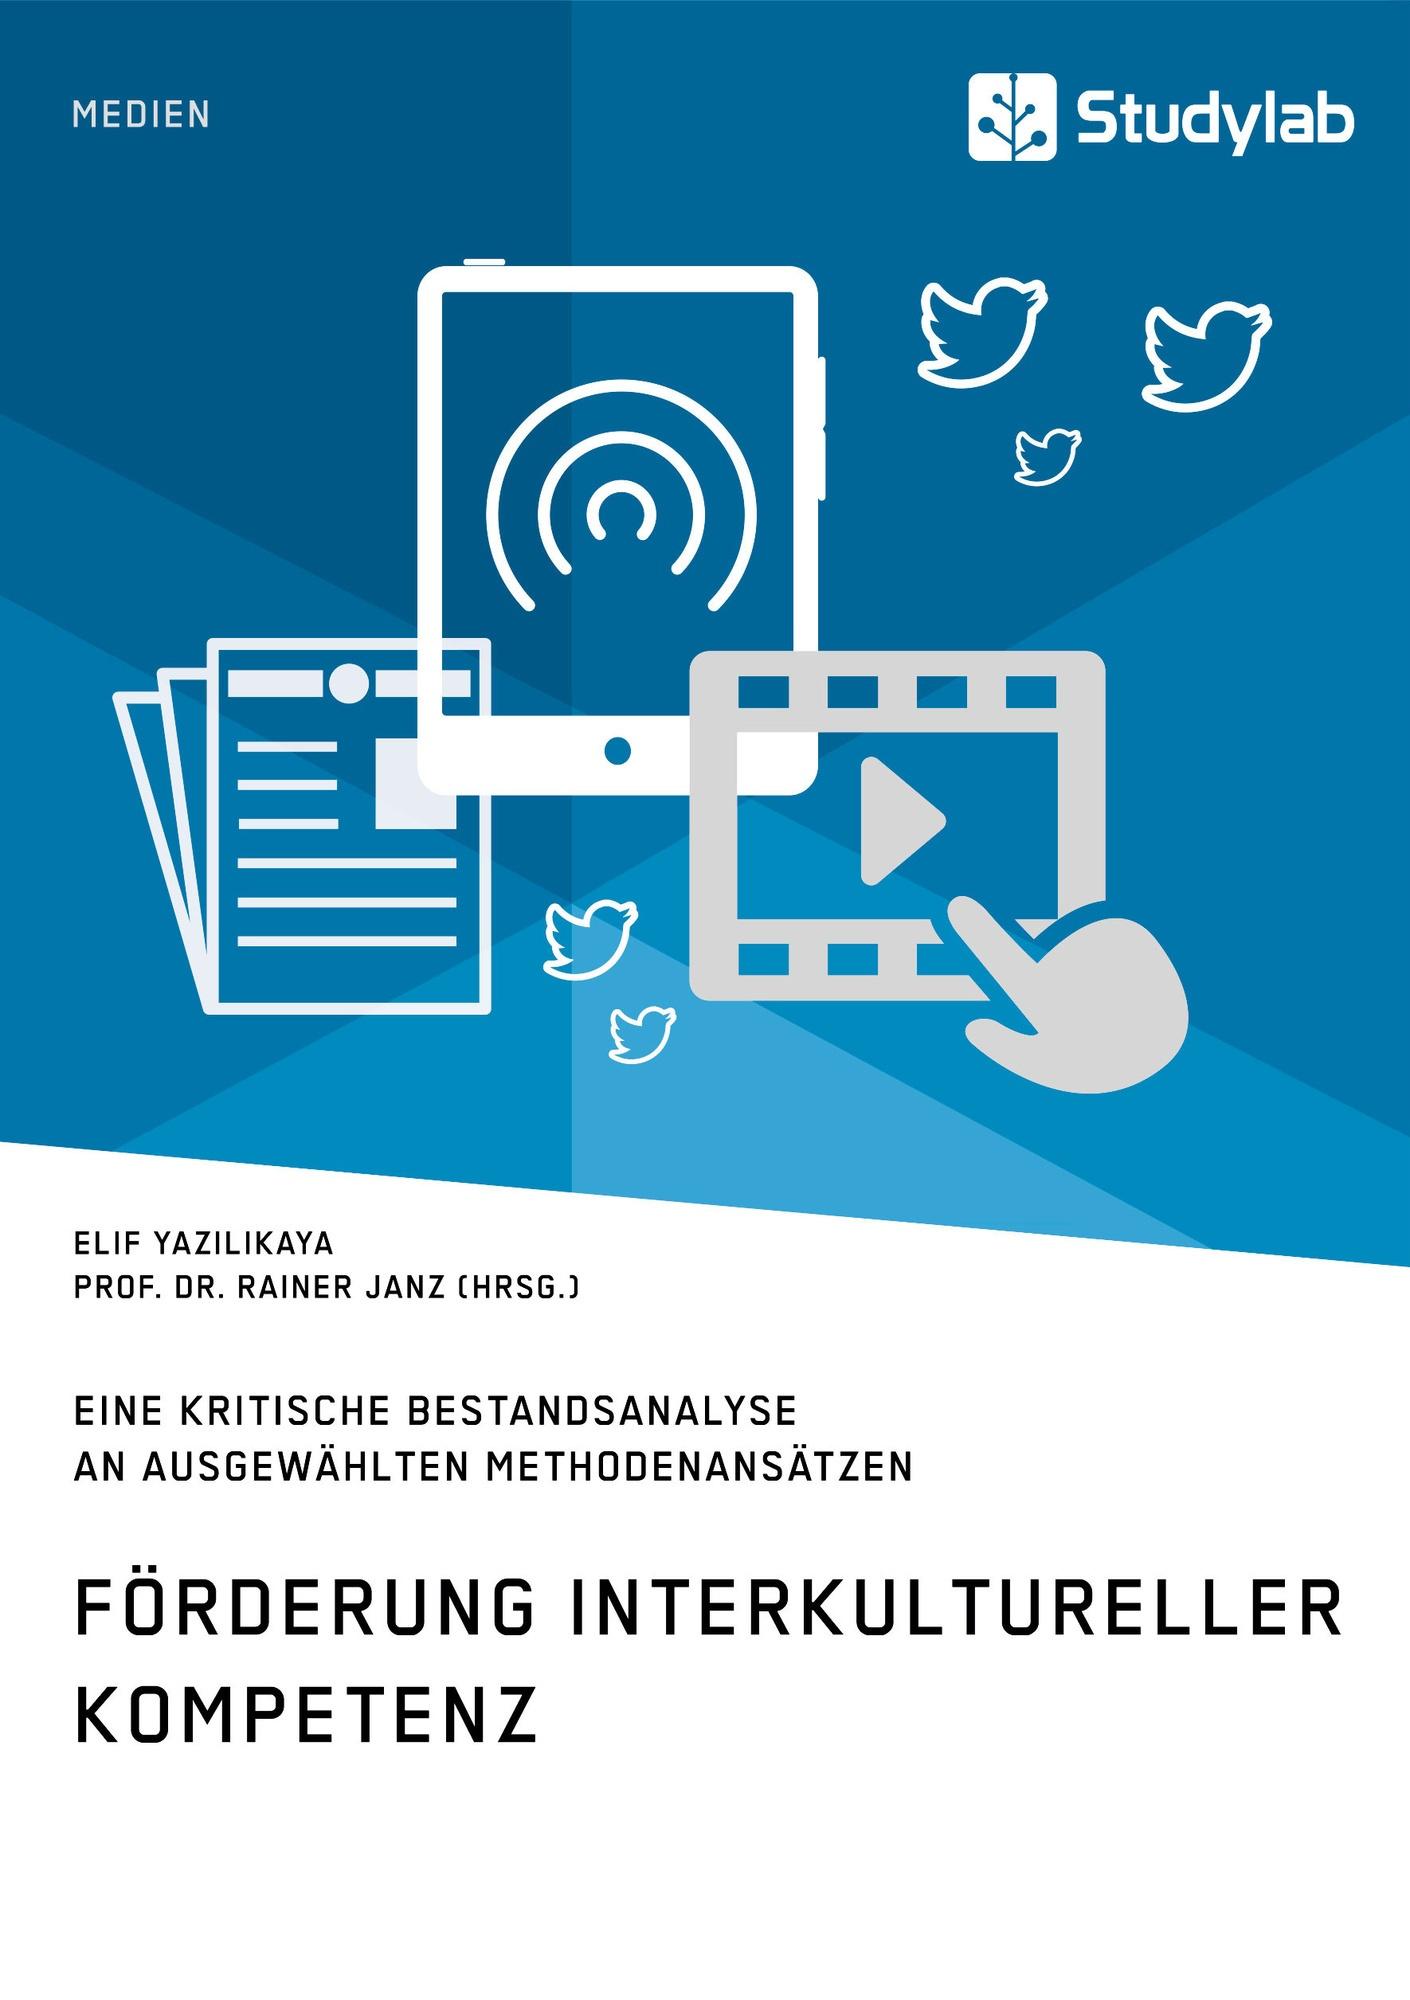 Titel: Förderung interkultureller Kompetenz. Eine kritische Bestandsanalyse an ausgewählten Methodenansätzen